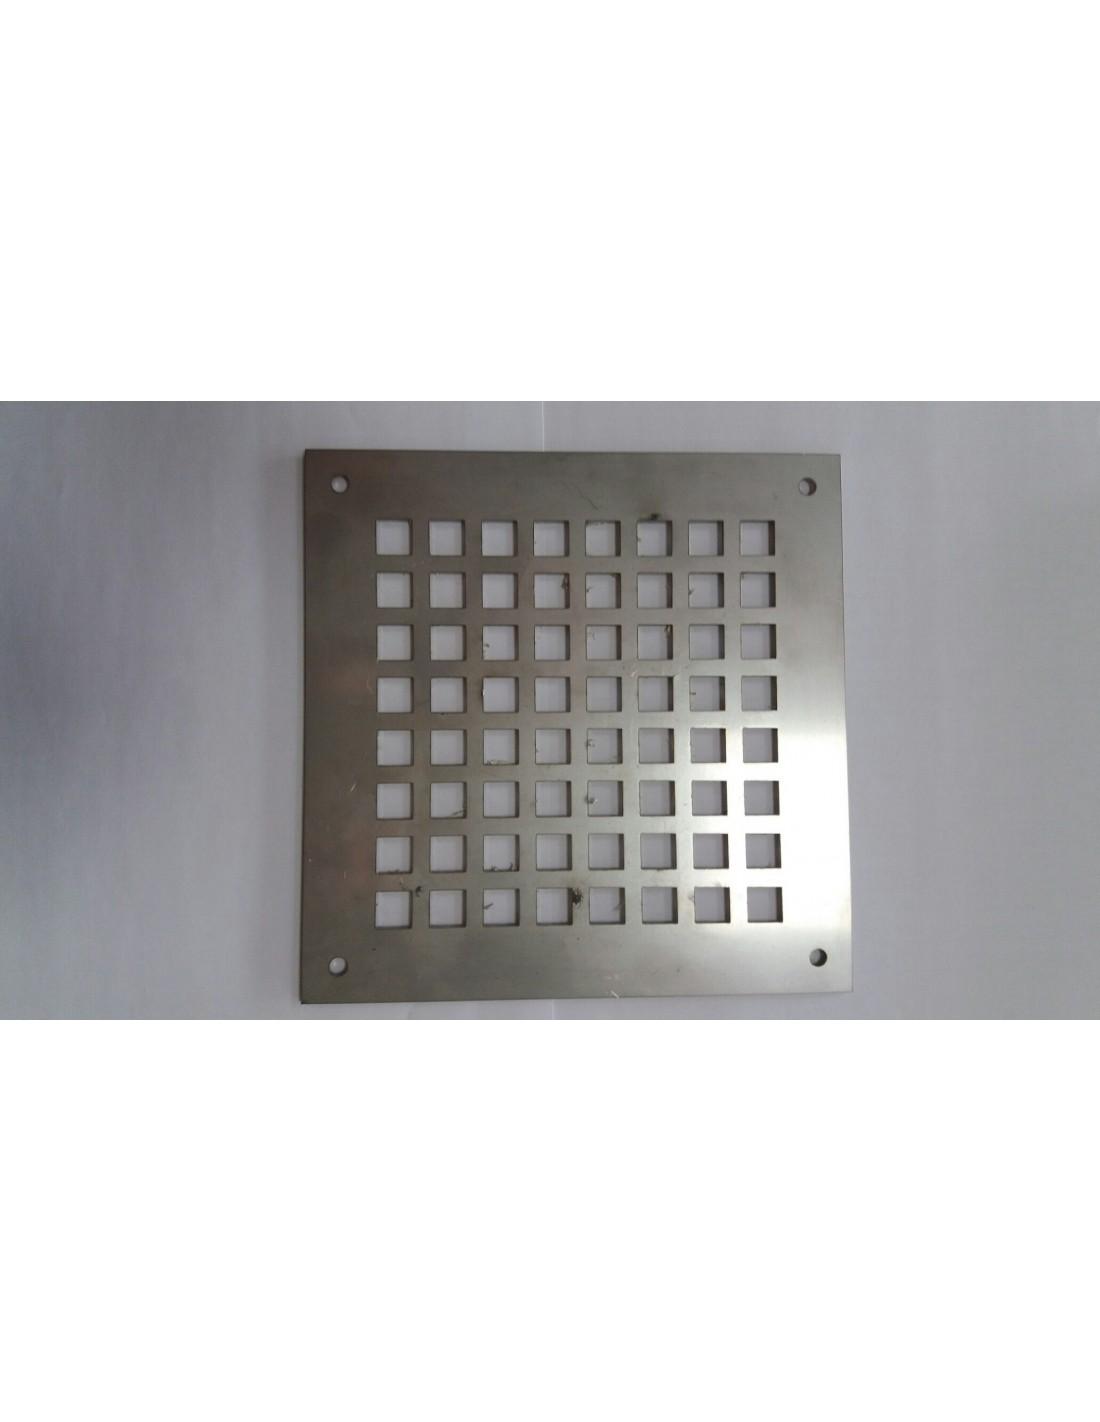 Rejilla ventilaci n cuadrada acero inox - Rejilla de ventilacion regulable ...